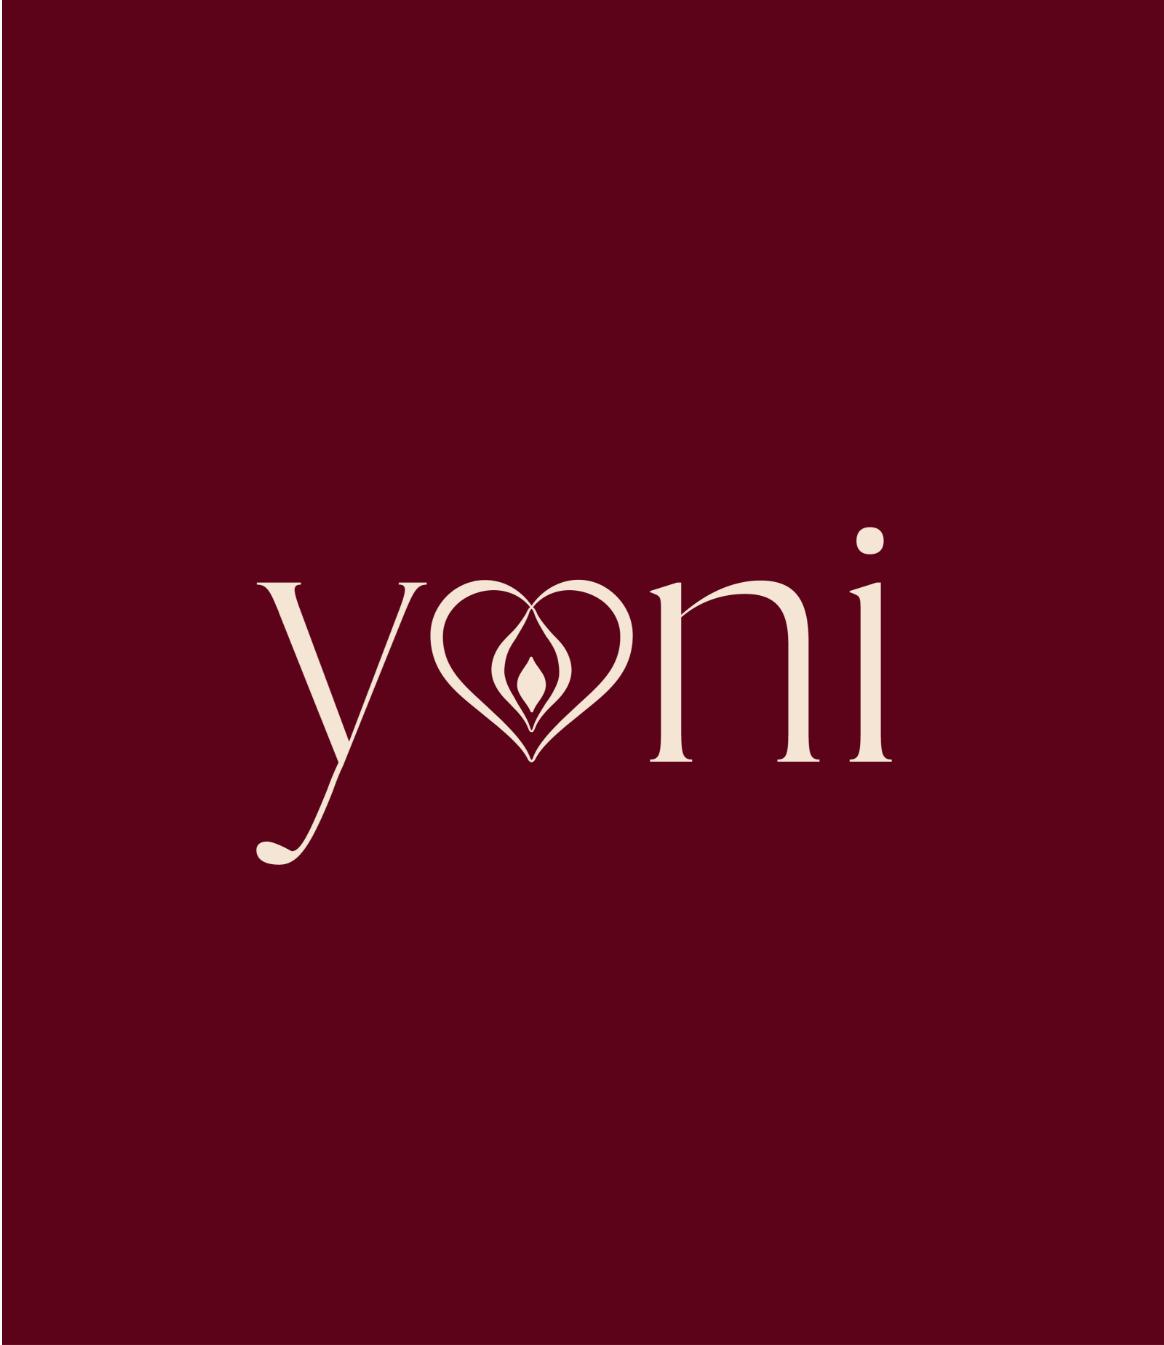 Yoni-Logo